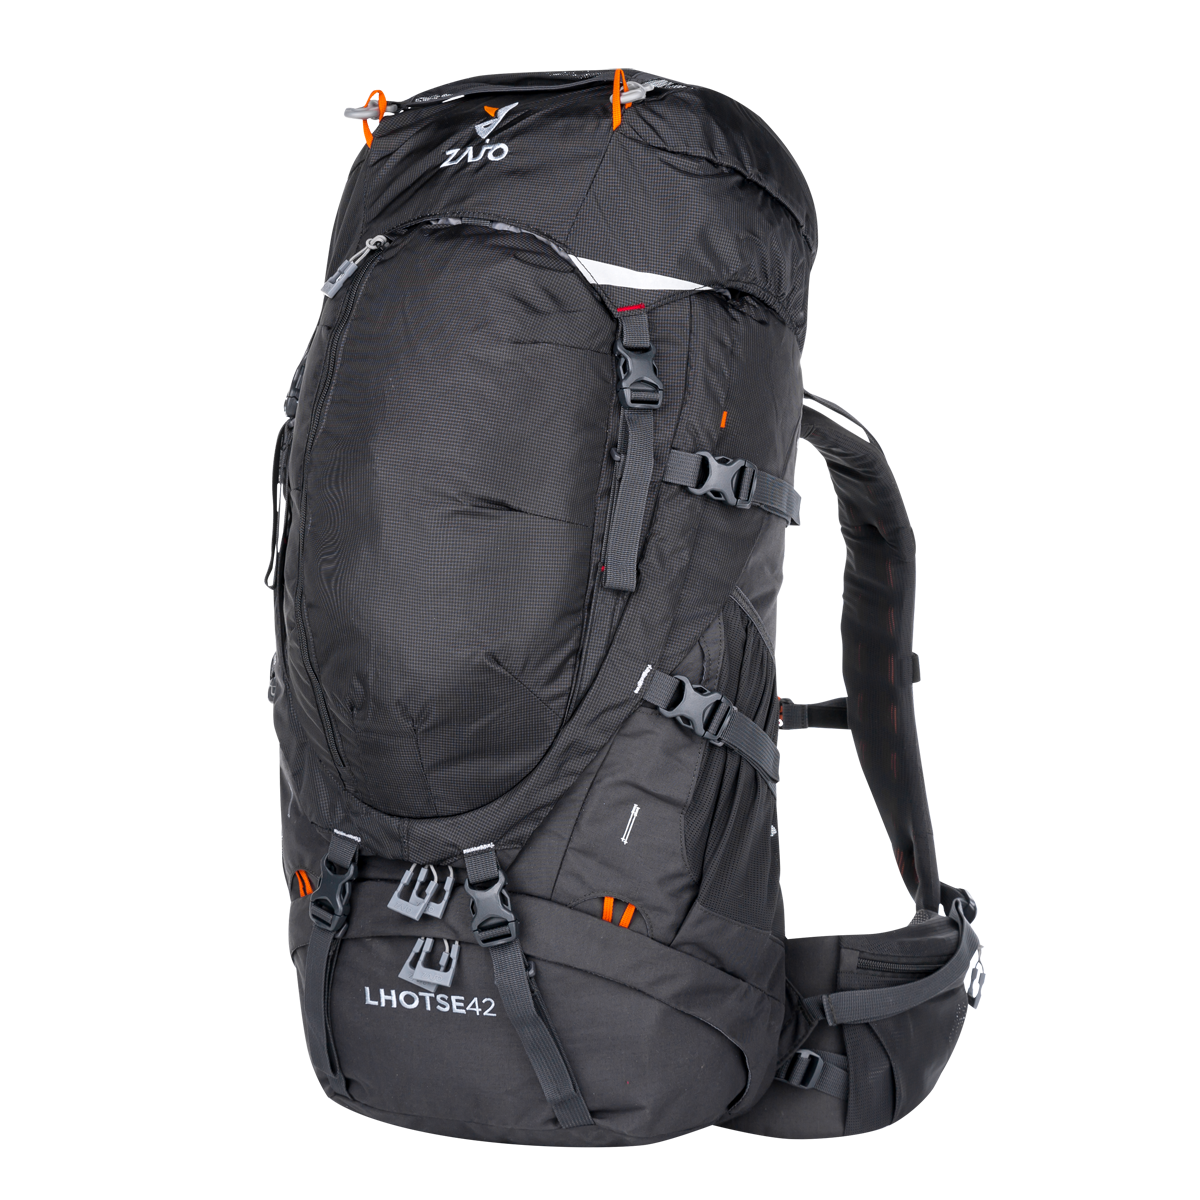 Zajo Lhotse 42 Backpack 1